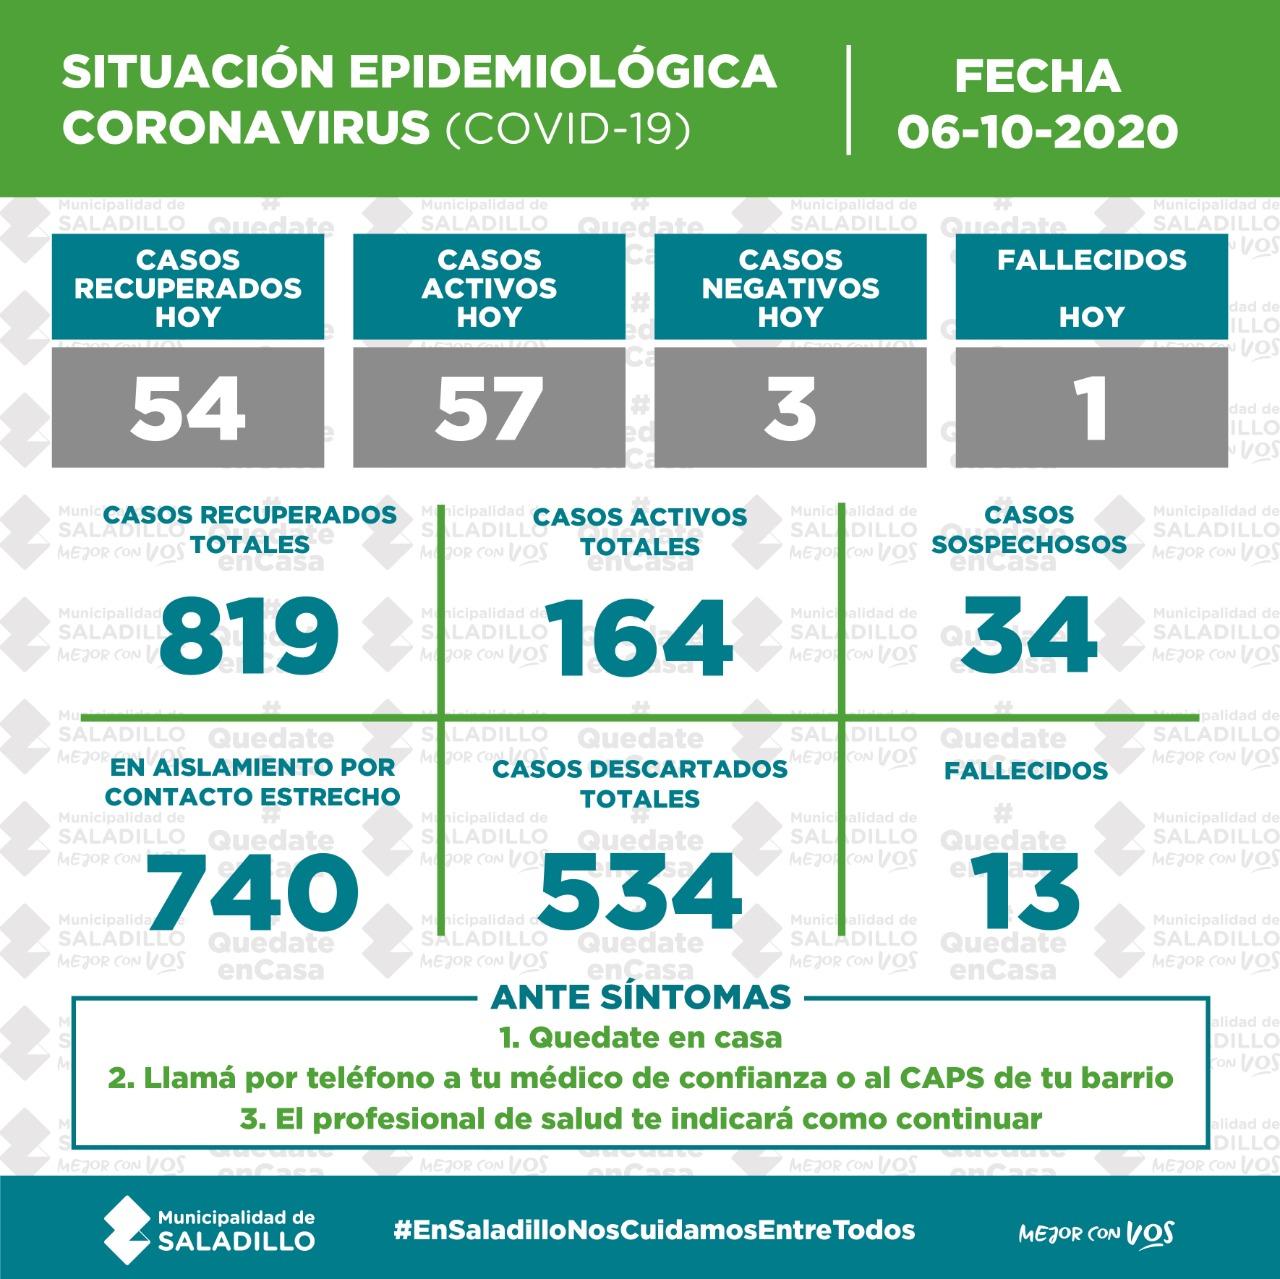 *SITUACIÓN EPIDEMIOLÓGICA EN SALADILLO al 06/10/2020